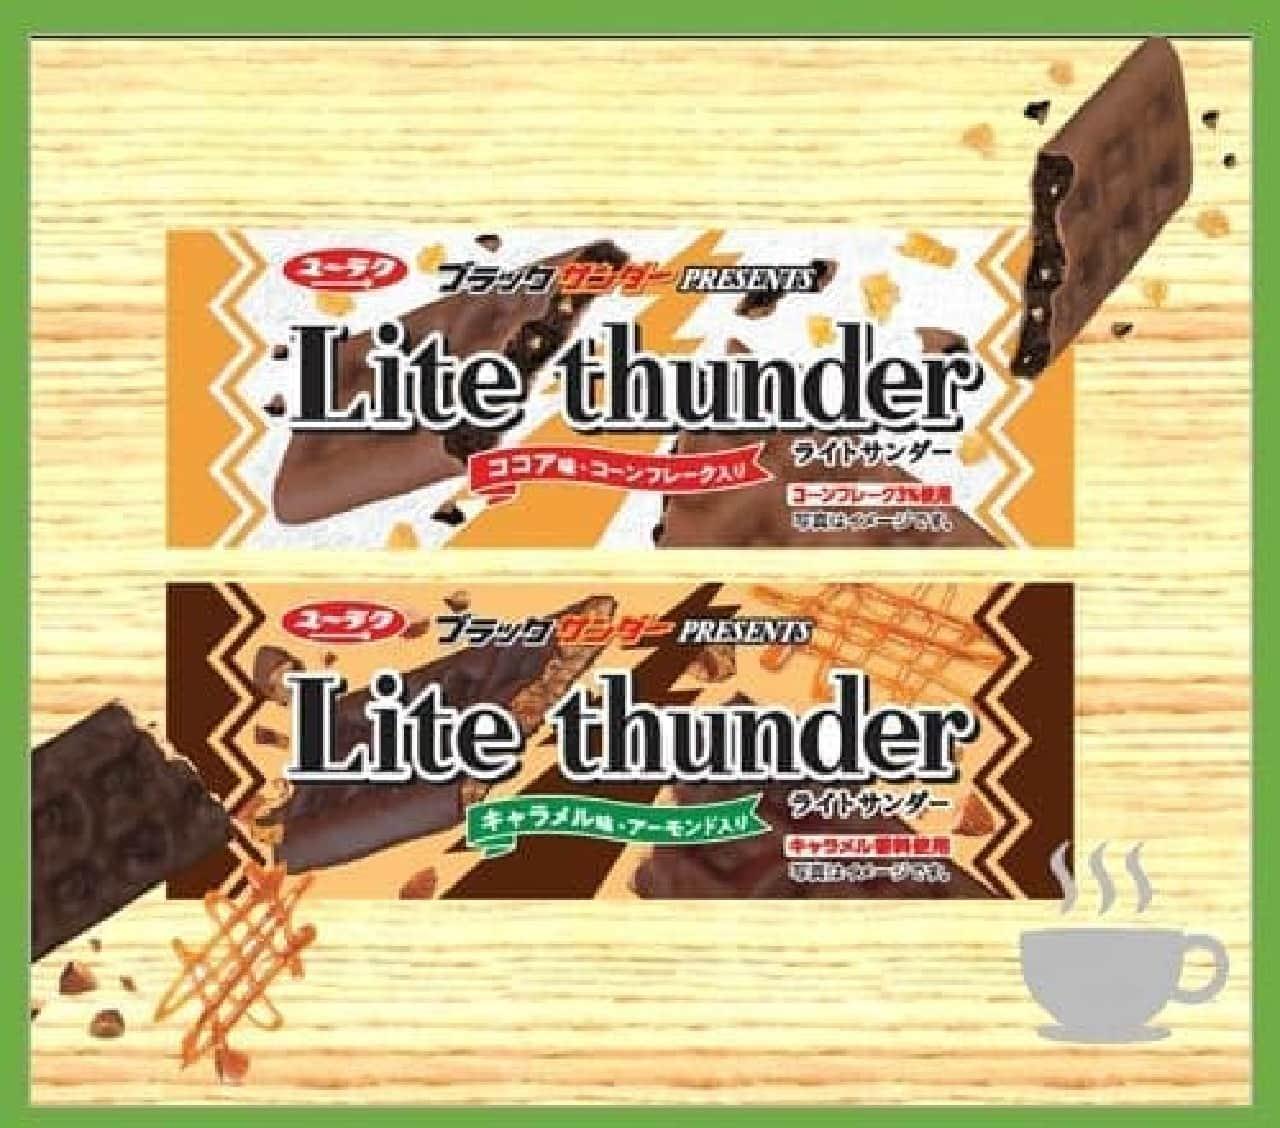 有楽製菓「ライトサンダー ココア味/キャラメル味」